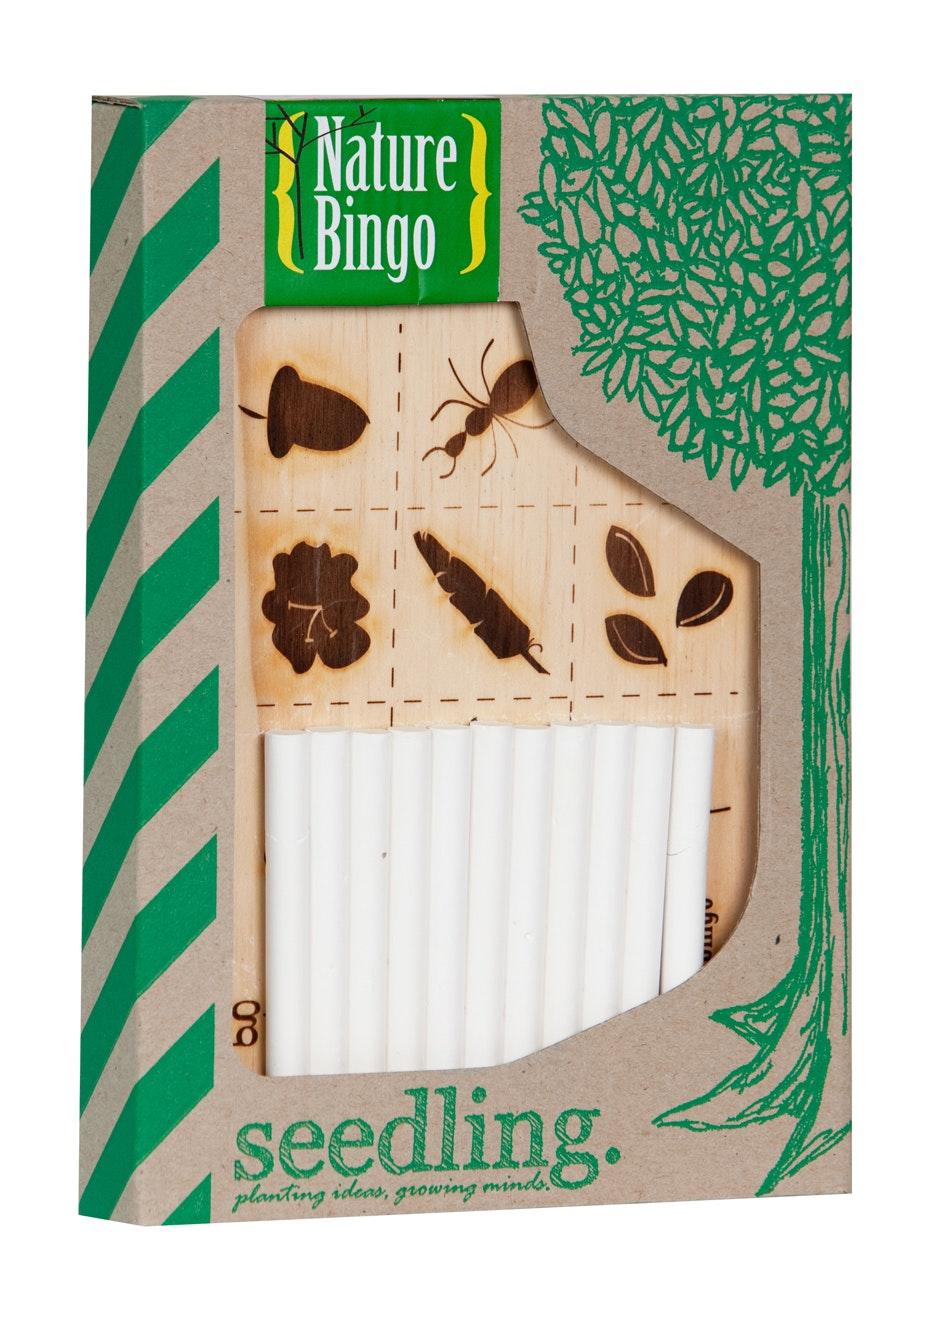 Seedling - Nature Bingo